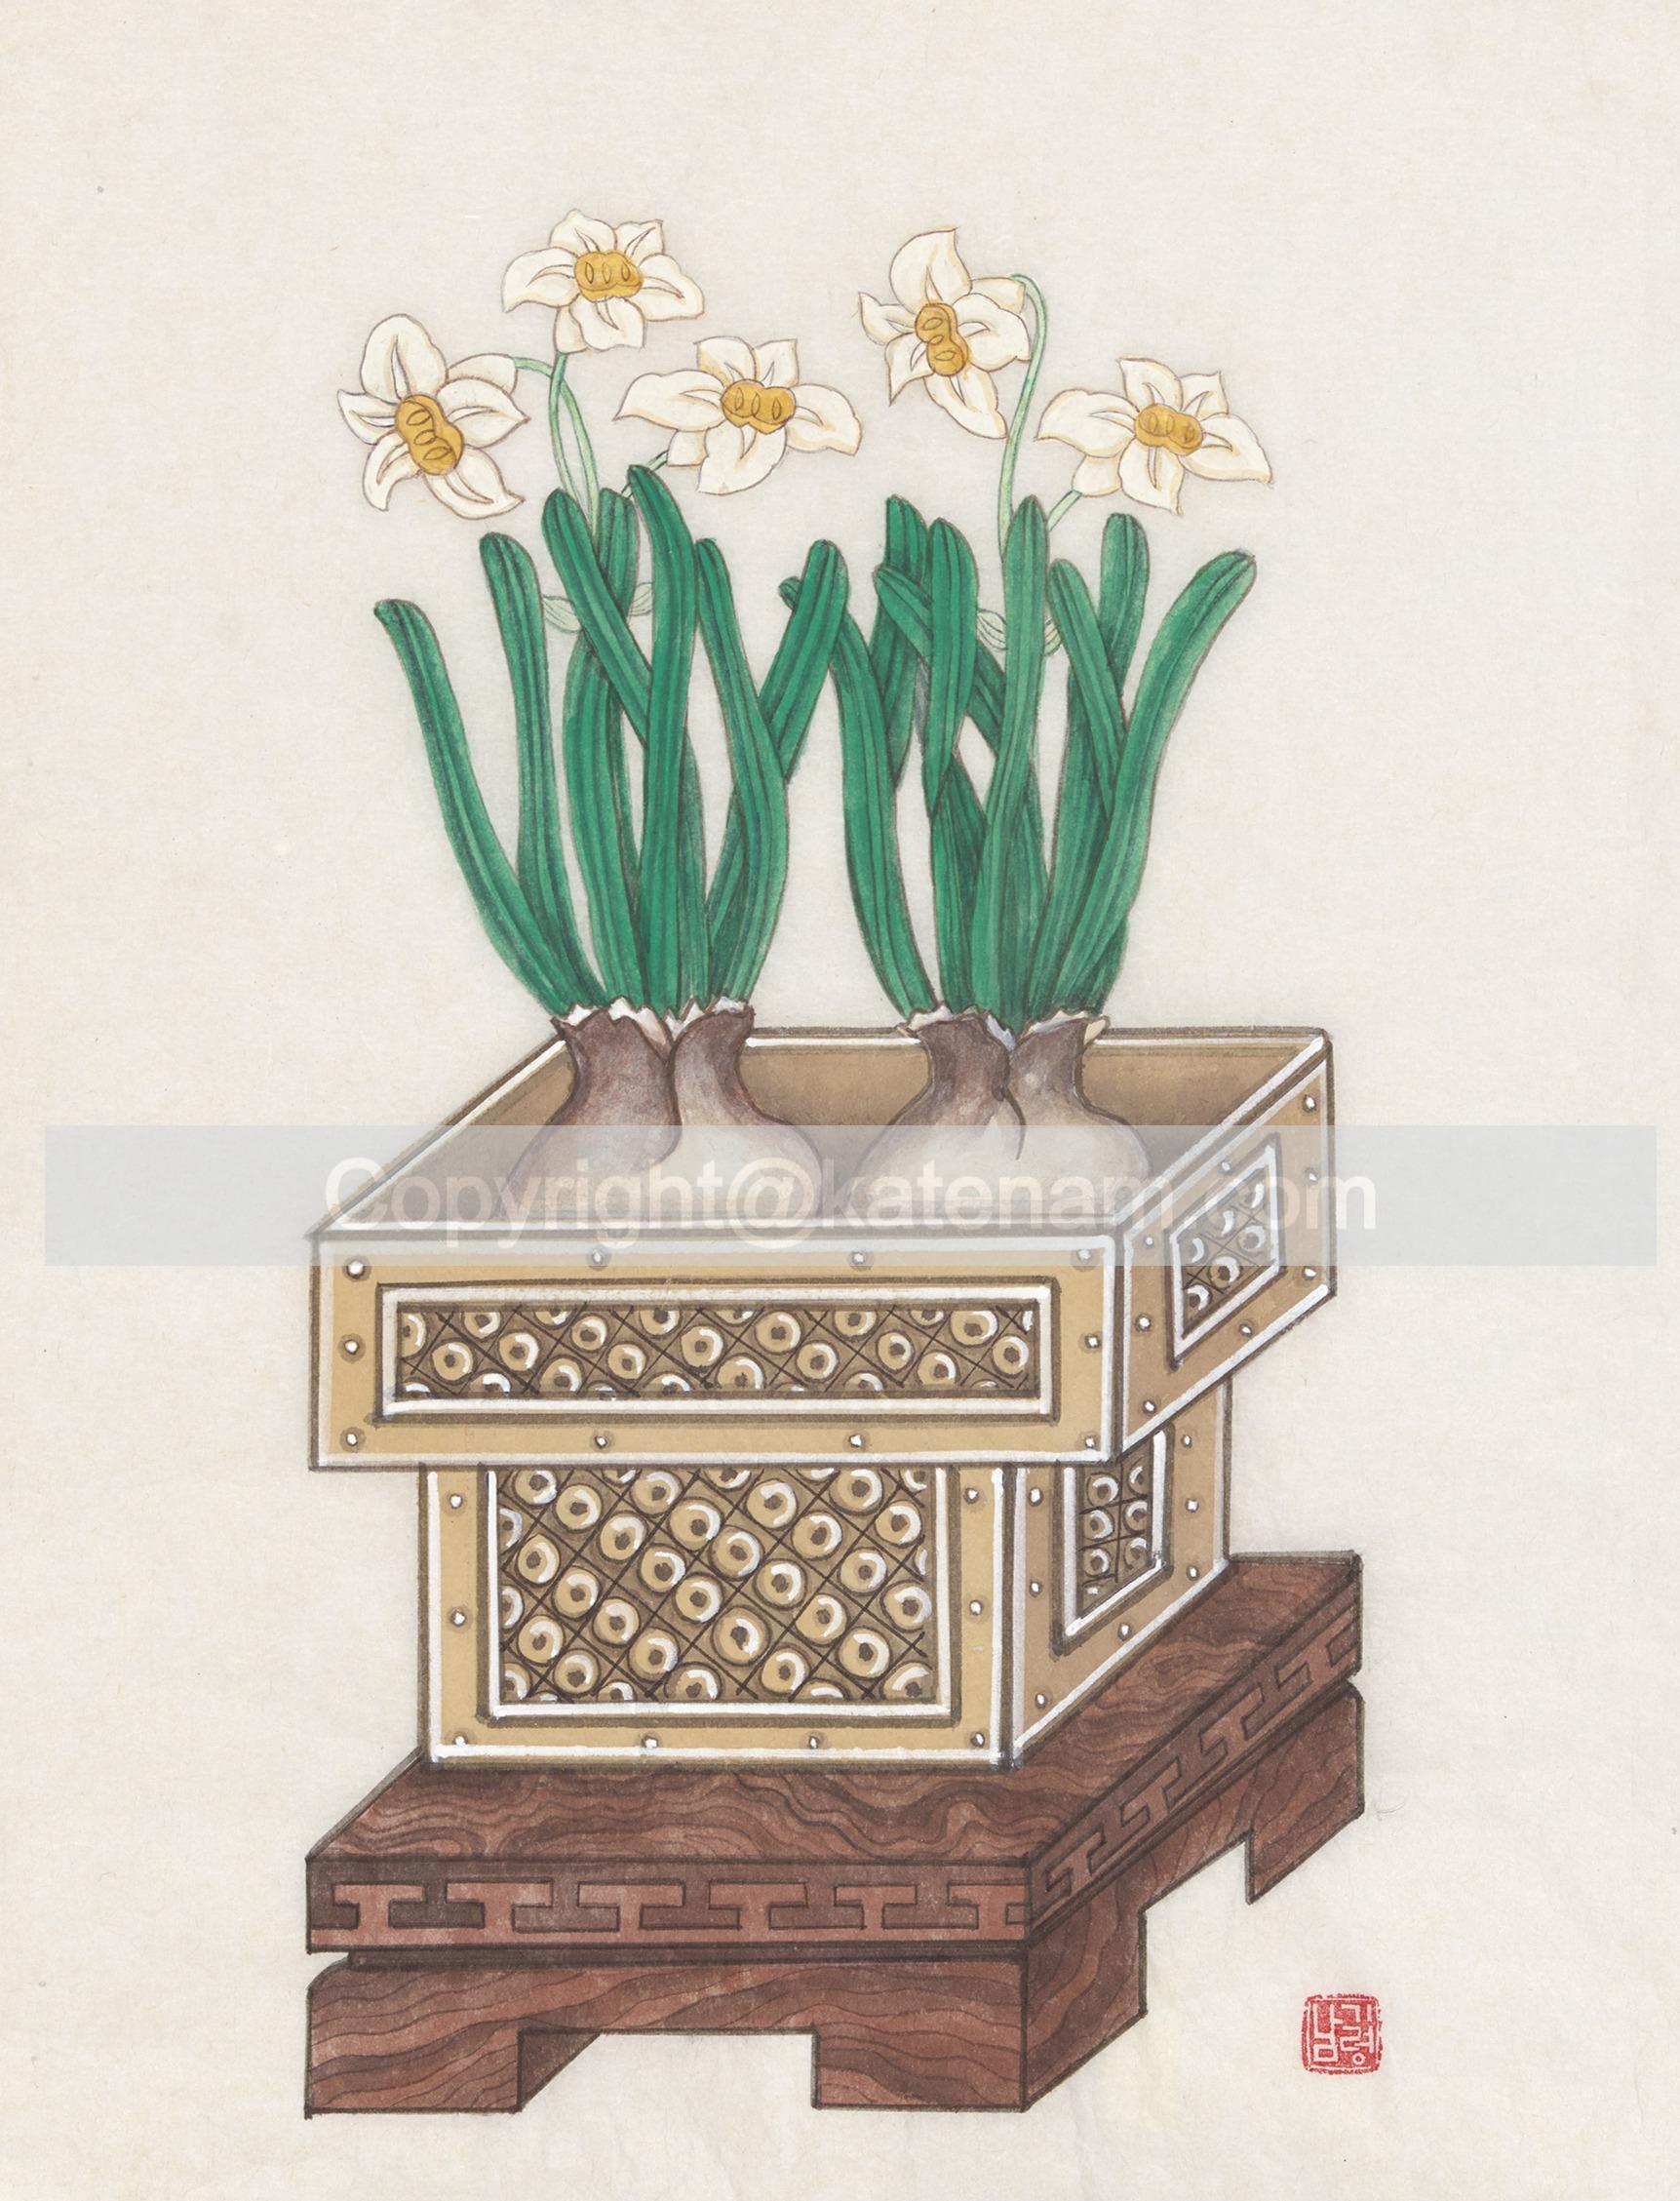 Daffodils on tray (2016)